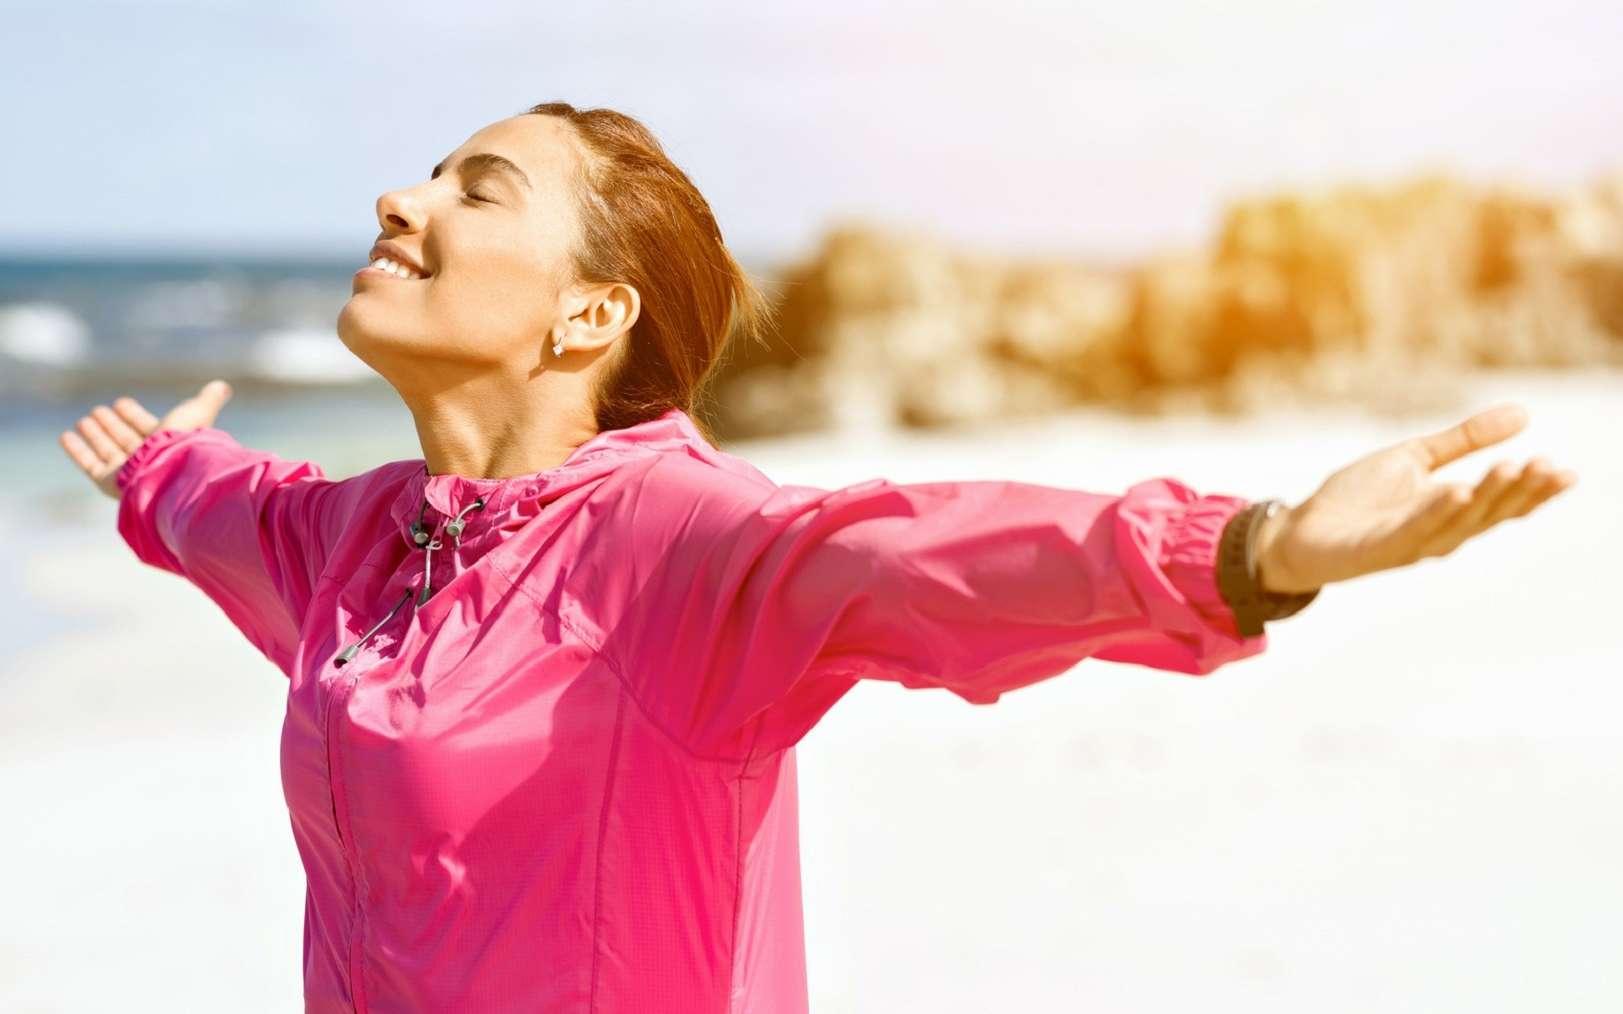 Sport, soleil, alimentation, méditation : quelles solutions pour limiter les antidépresseurs ? © Sergey Nivens, Fotolia